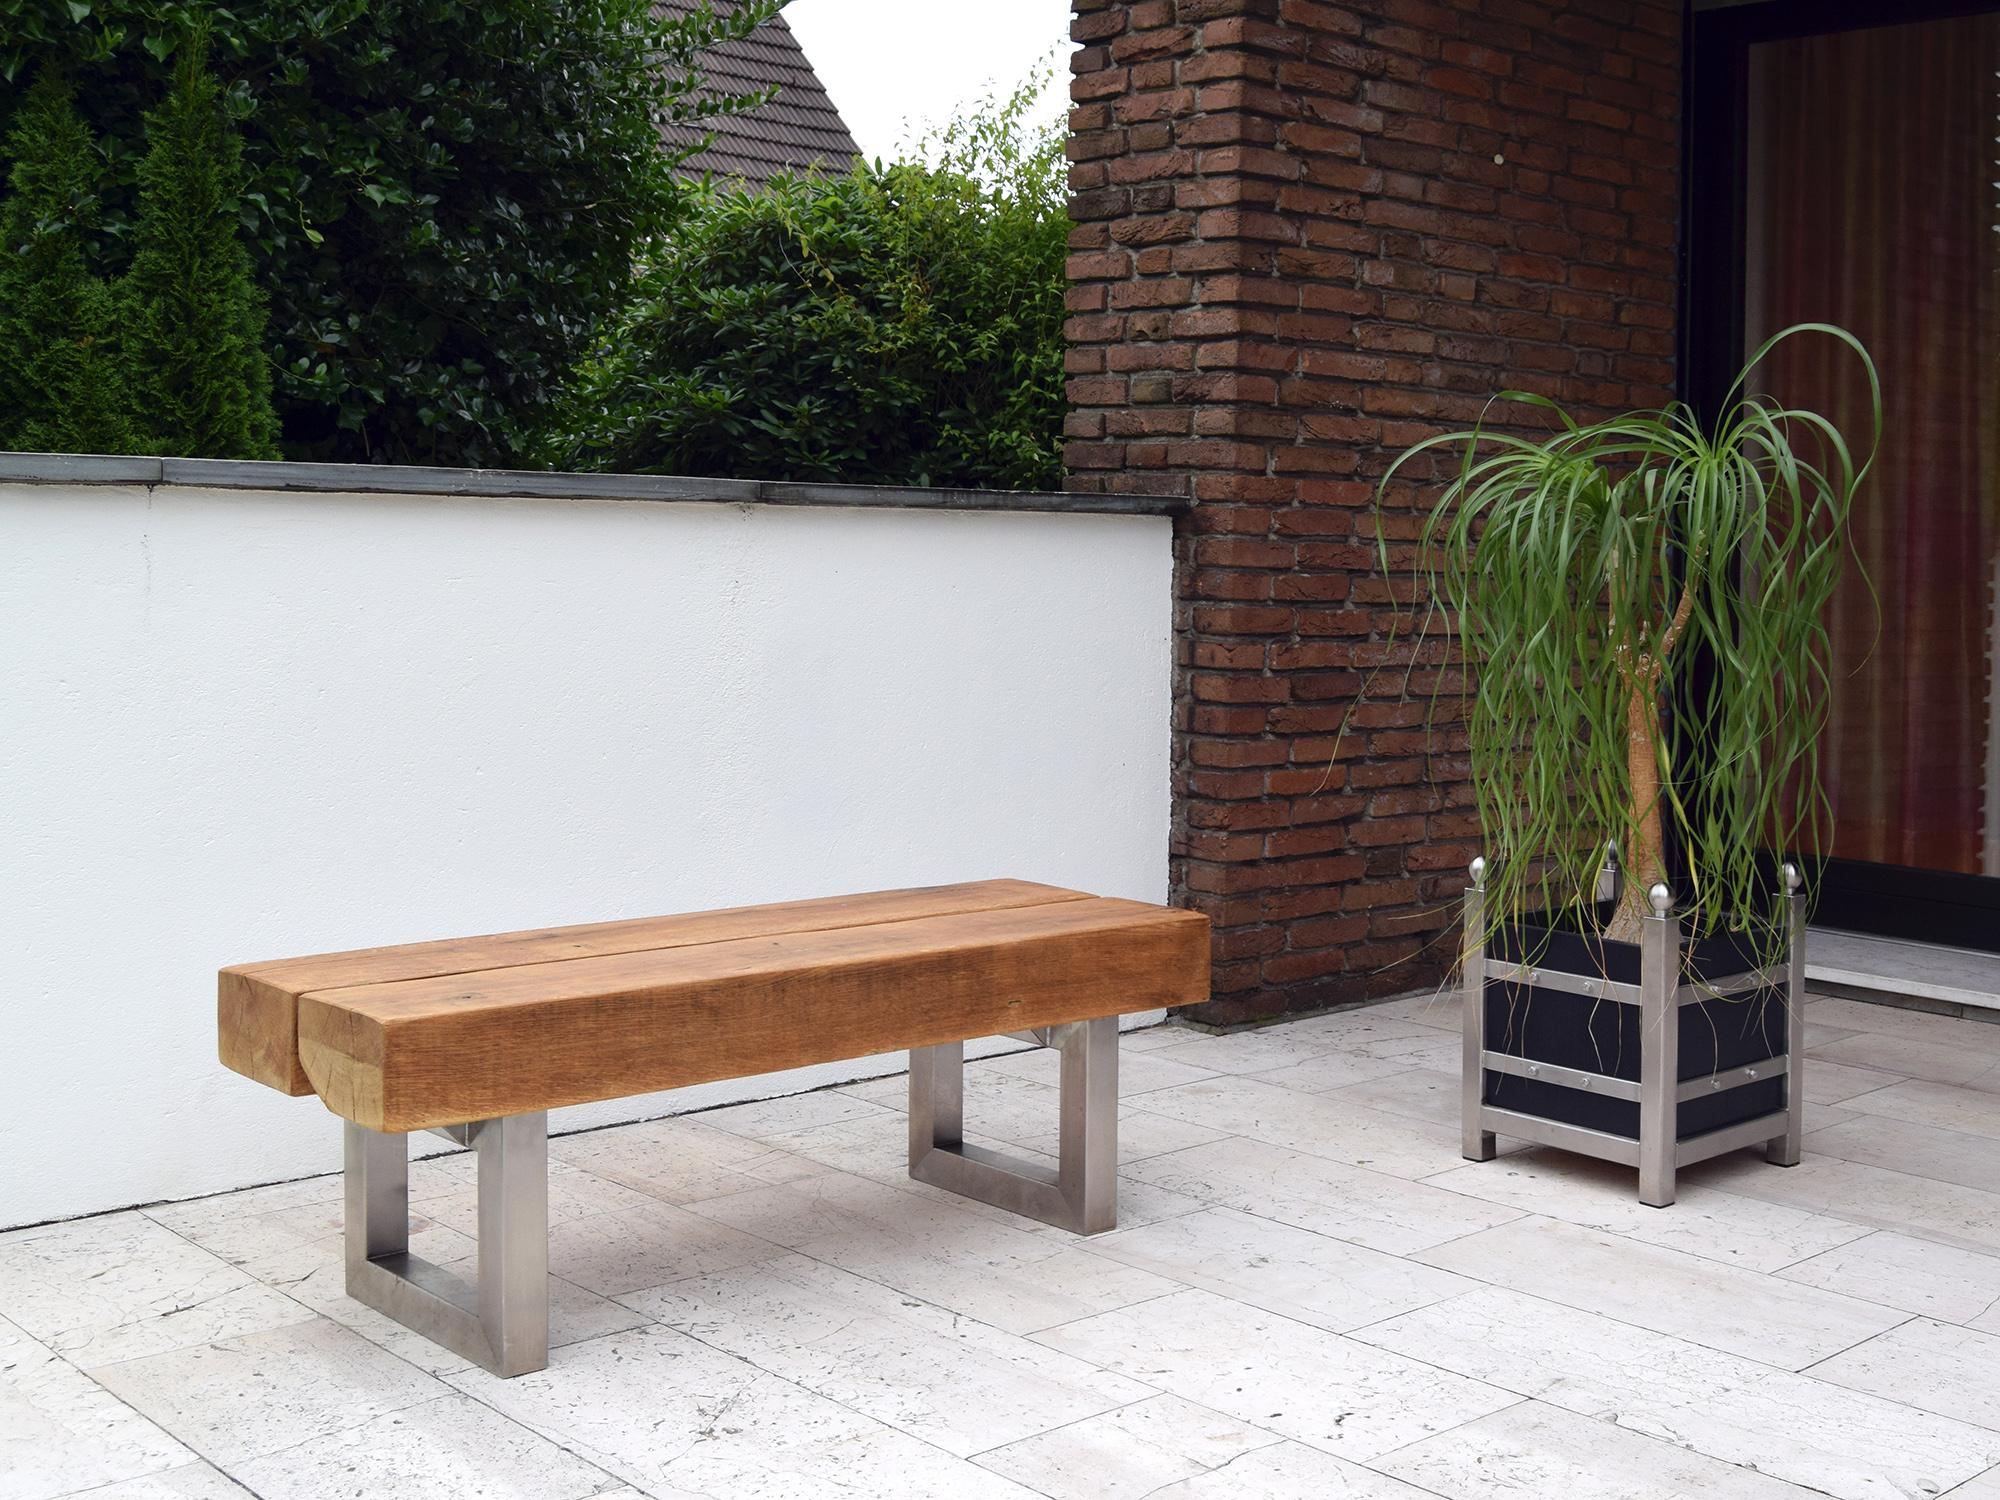 Rustikale Gartenmöbel von gartenmoebel-nrw.de aus Recklinghausen